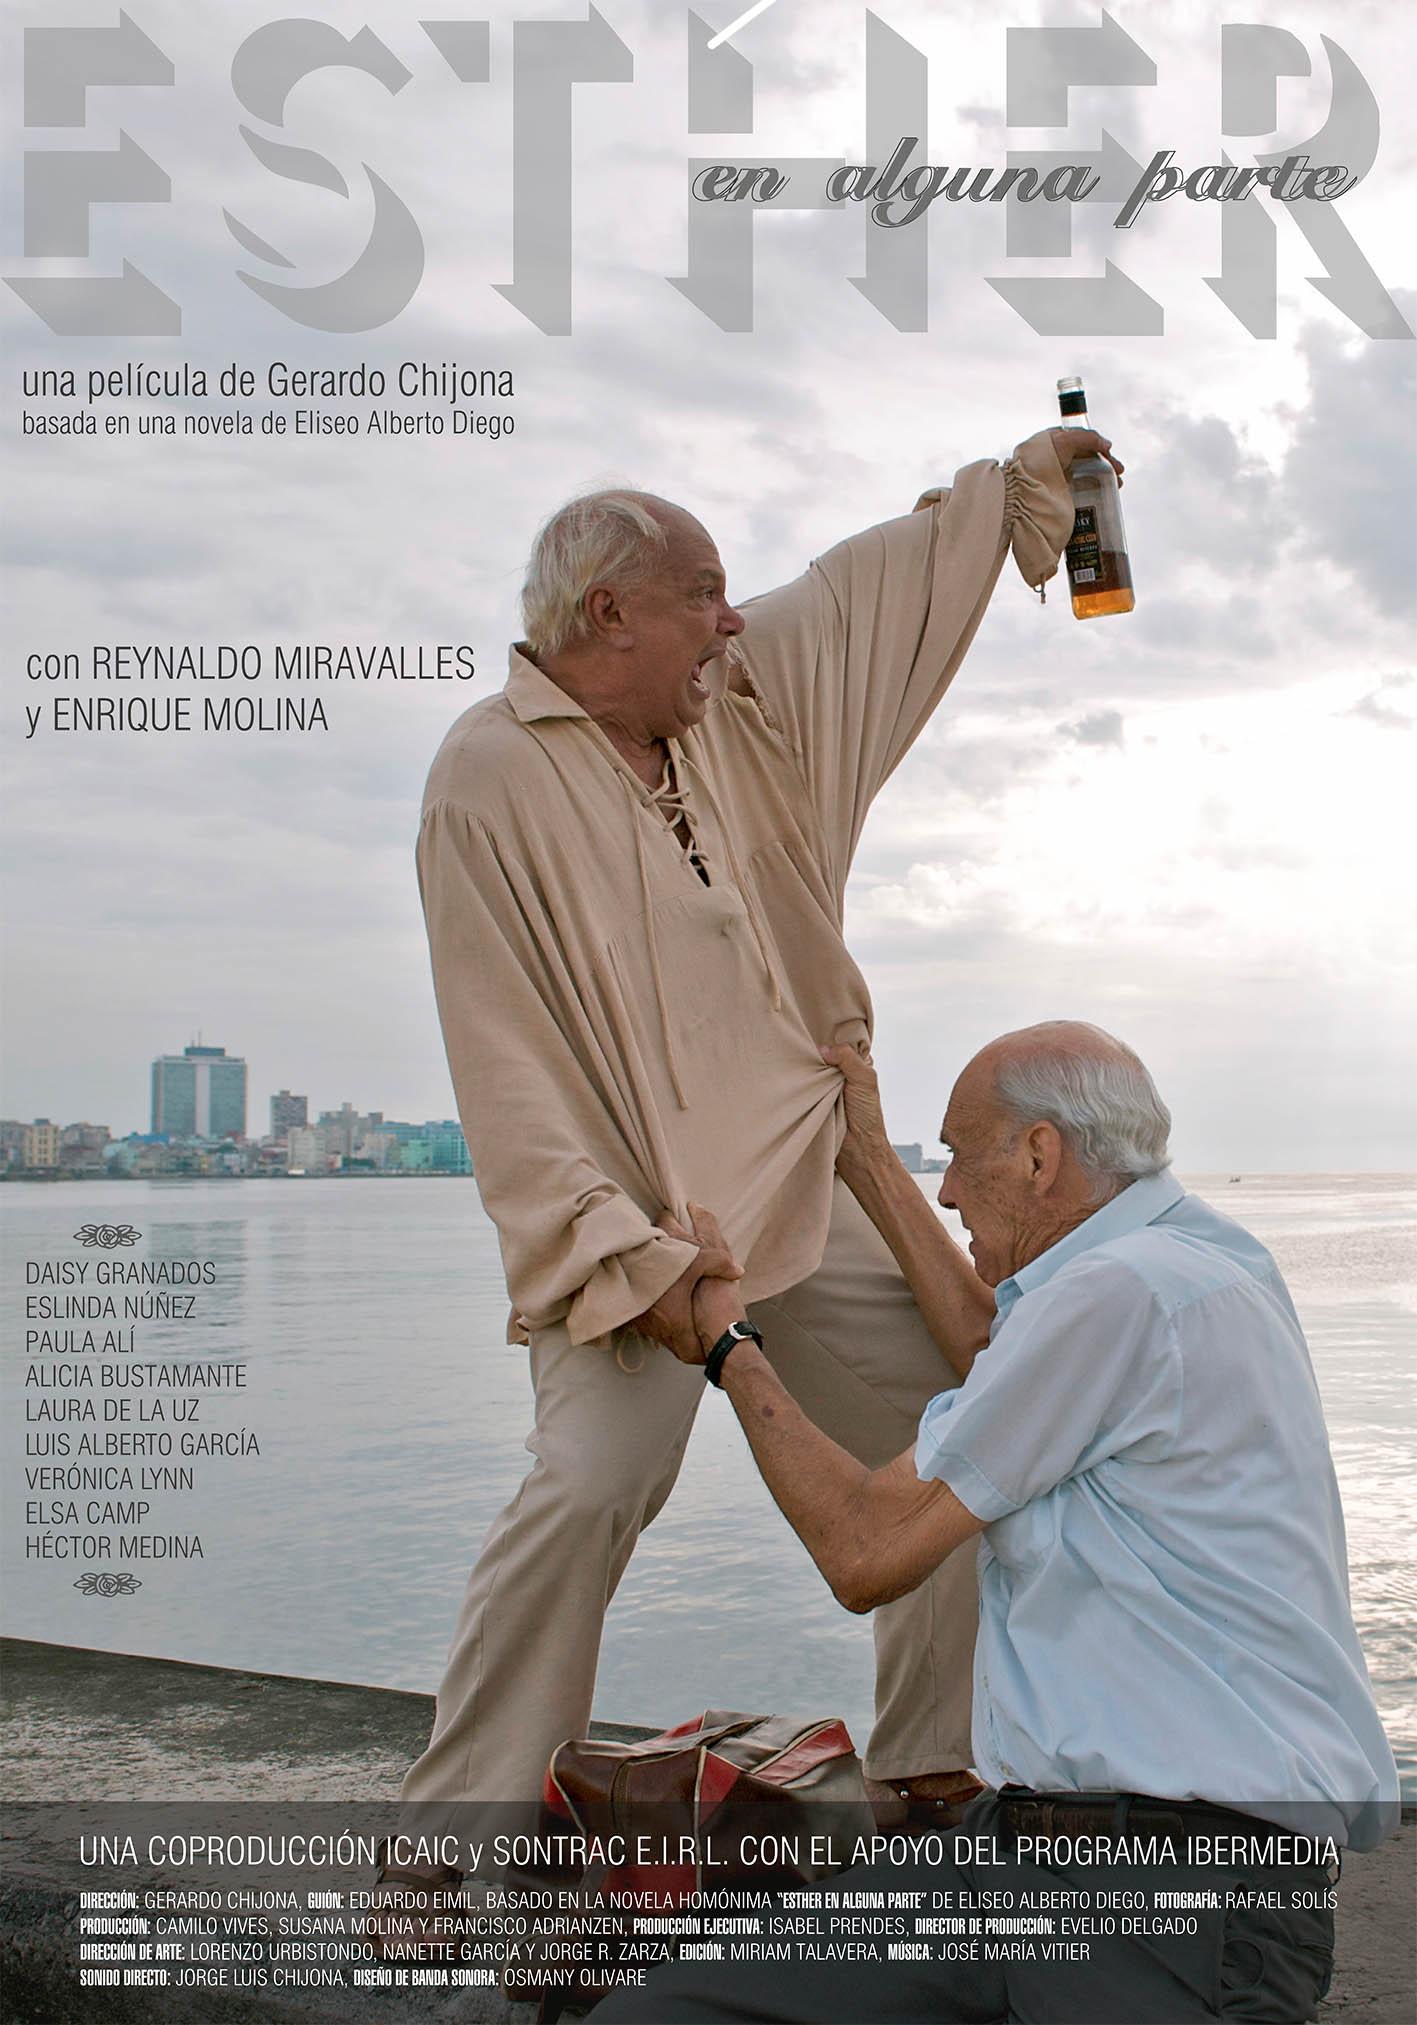 https://www.gerardochijona.com/wp-content/uploads/2018/07/Poster-Esther-en-alguna-parte.jpg